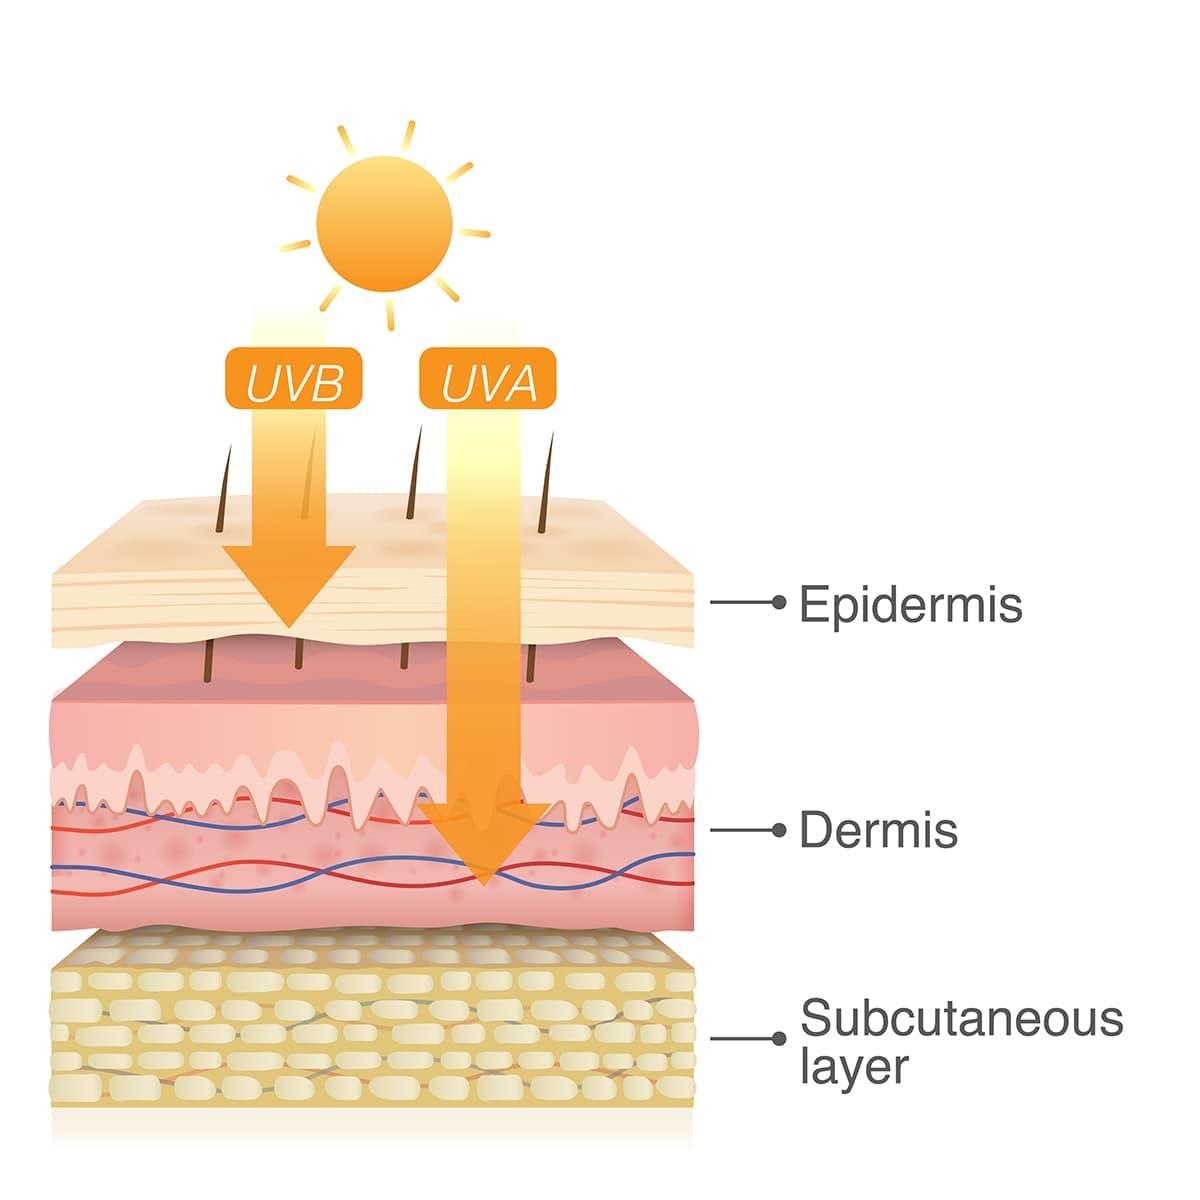 illustration of uv rays on skin